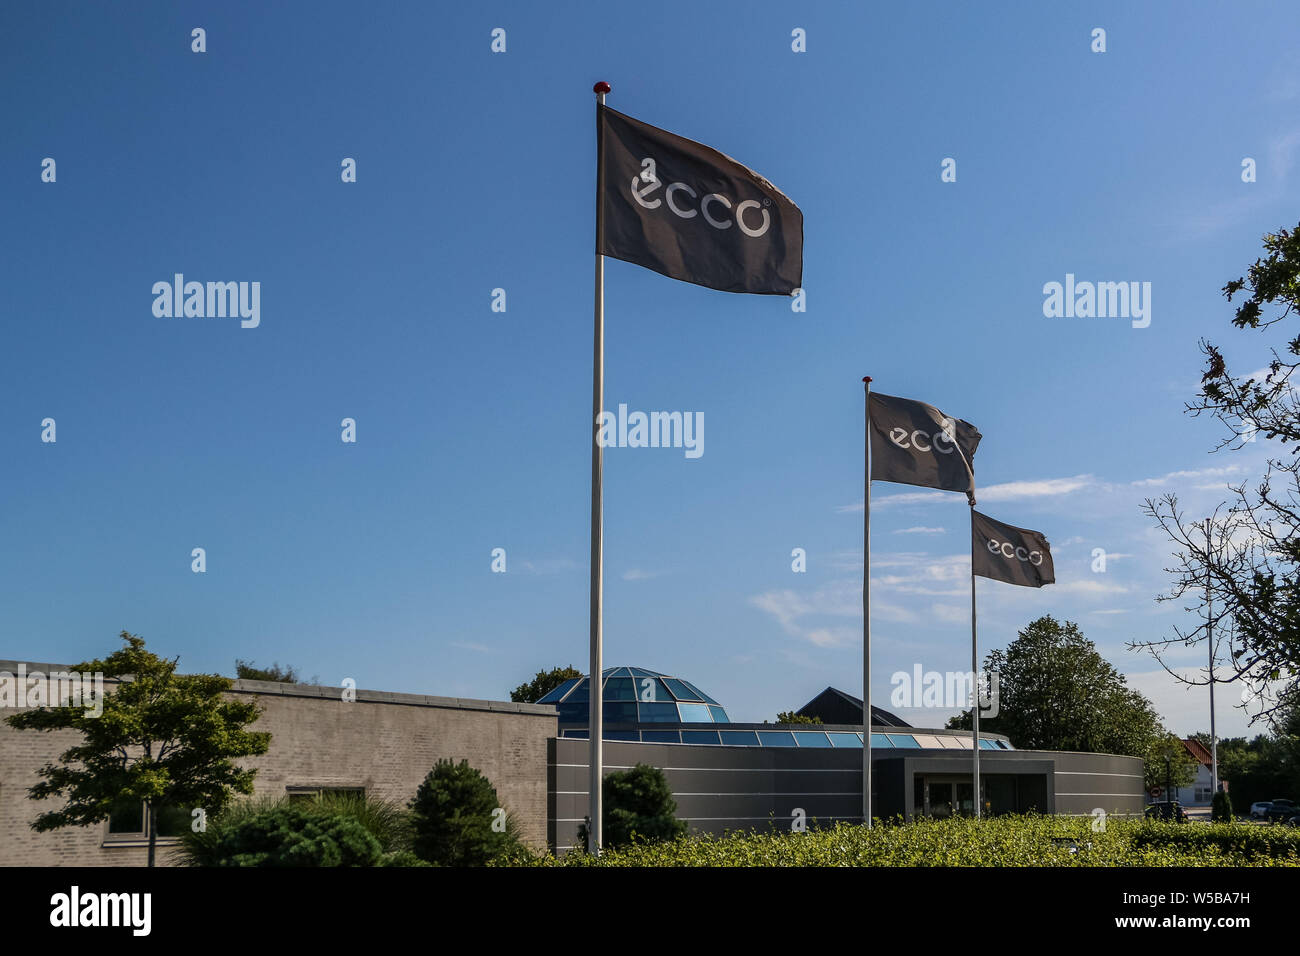 Ecco Logo Stockfotos und bilder Kaufen Alamy